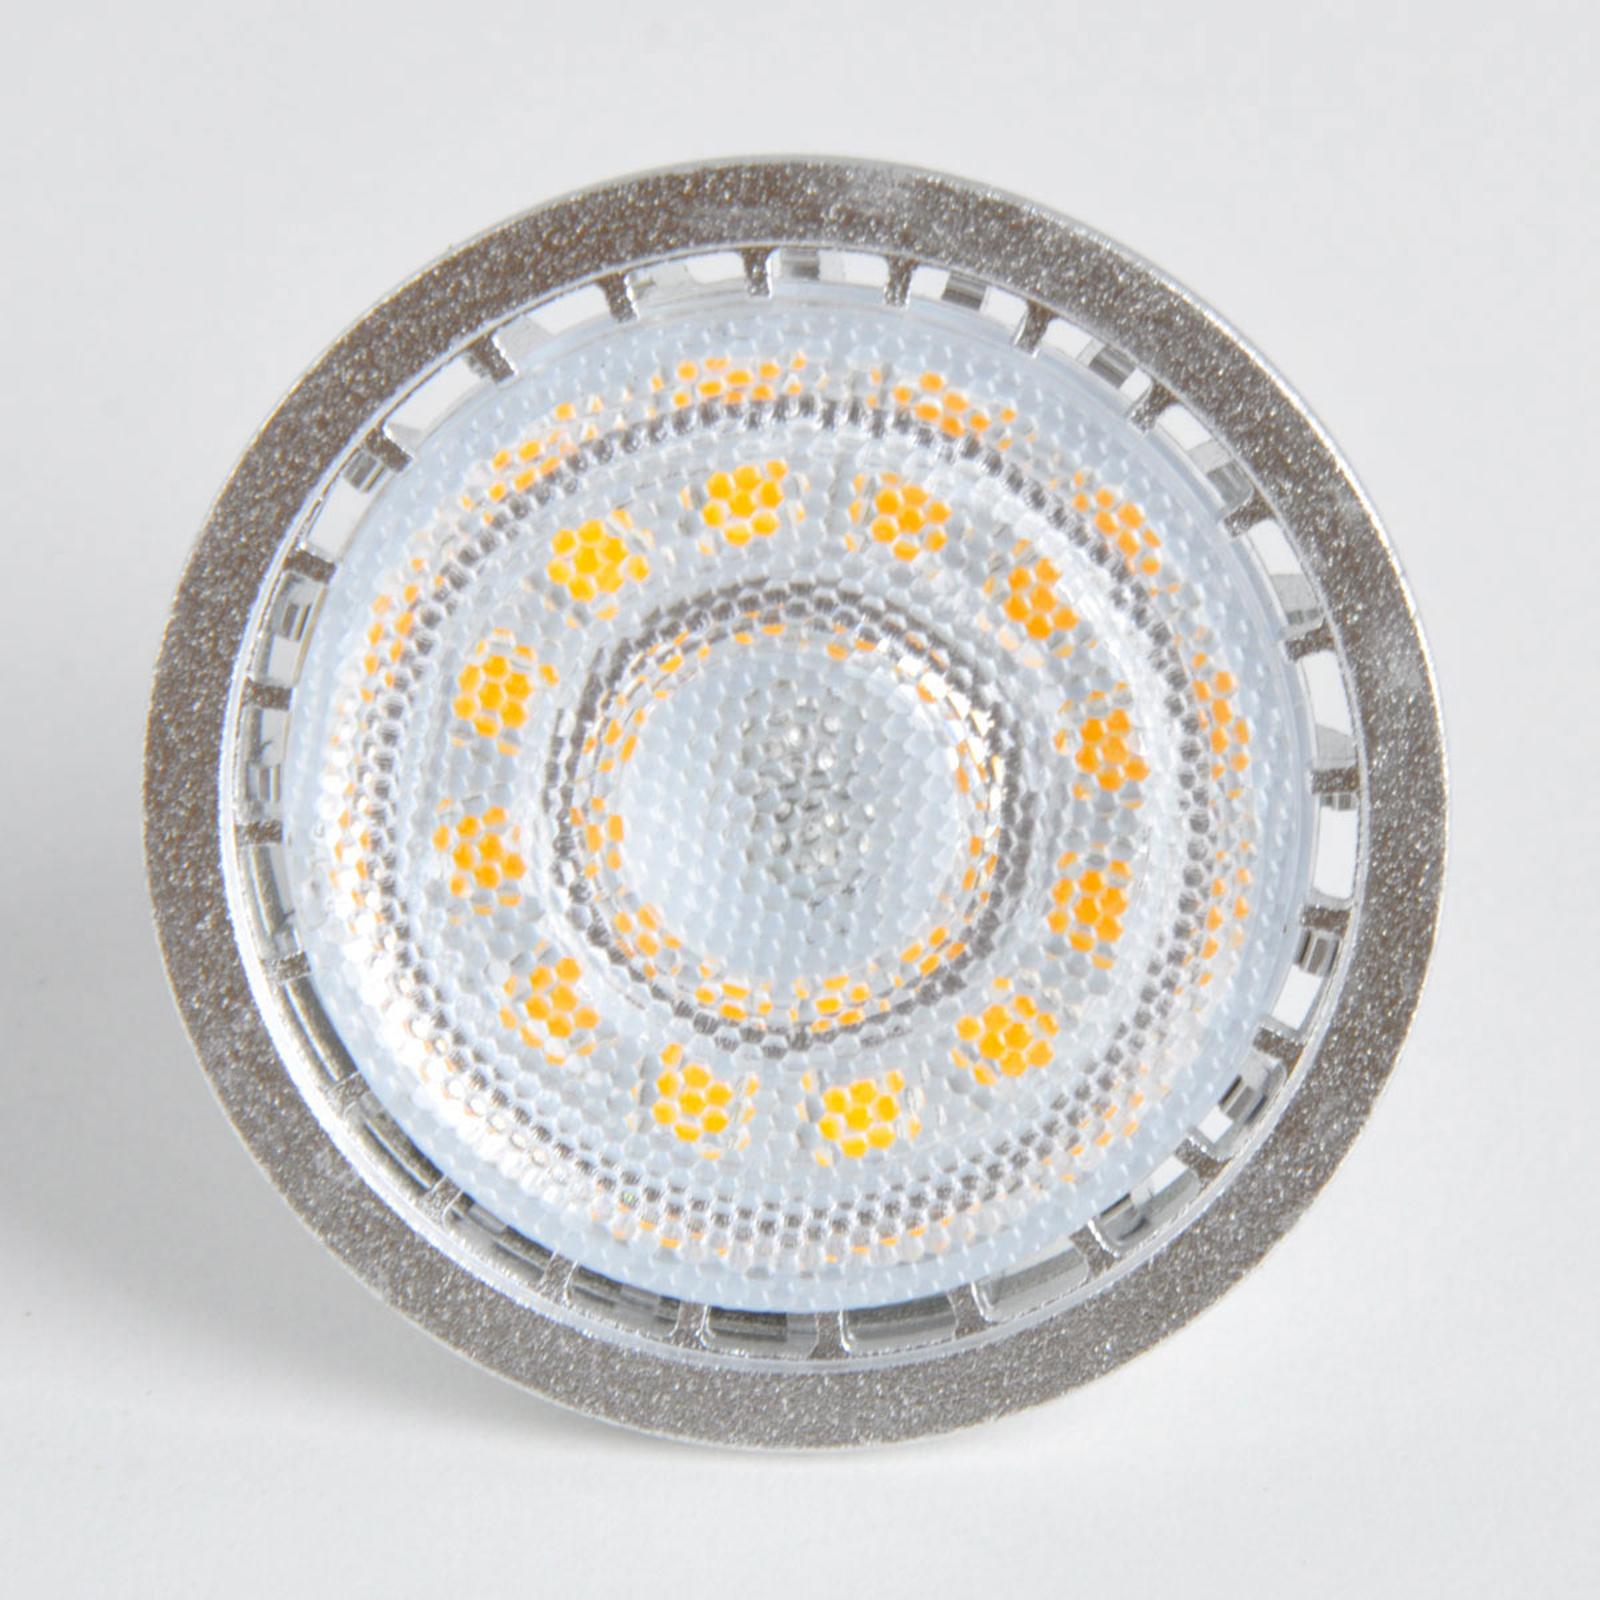 LED à réflecteur GU10 5W 830 55°